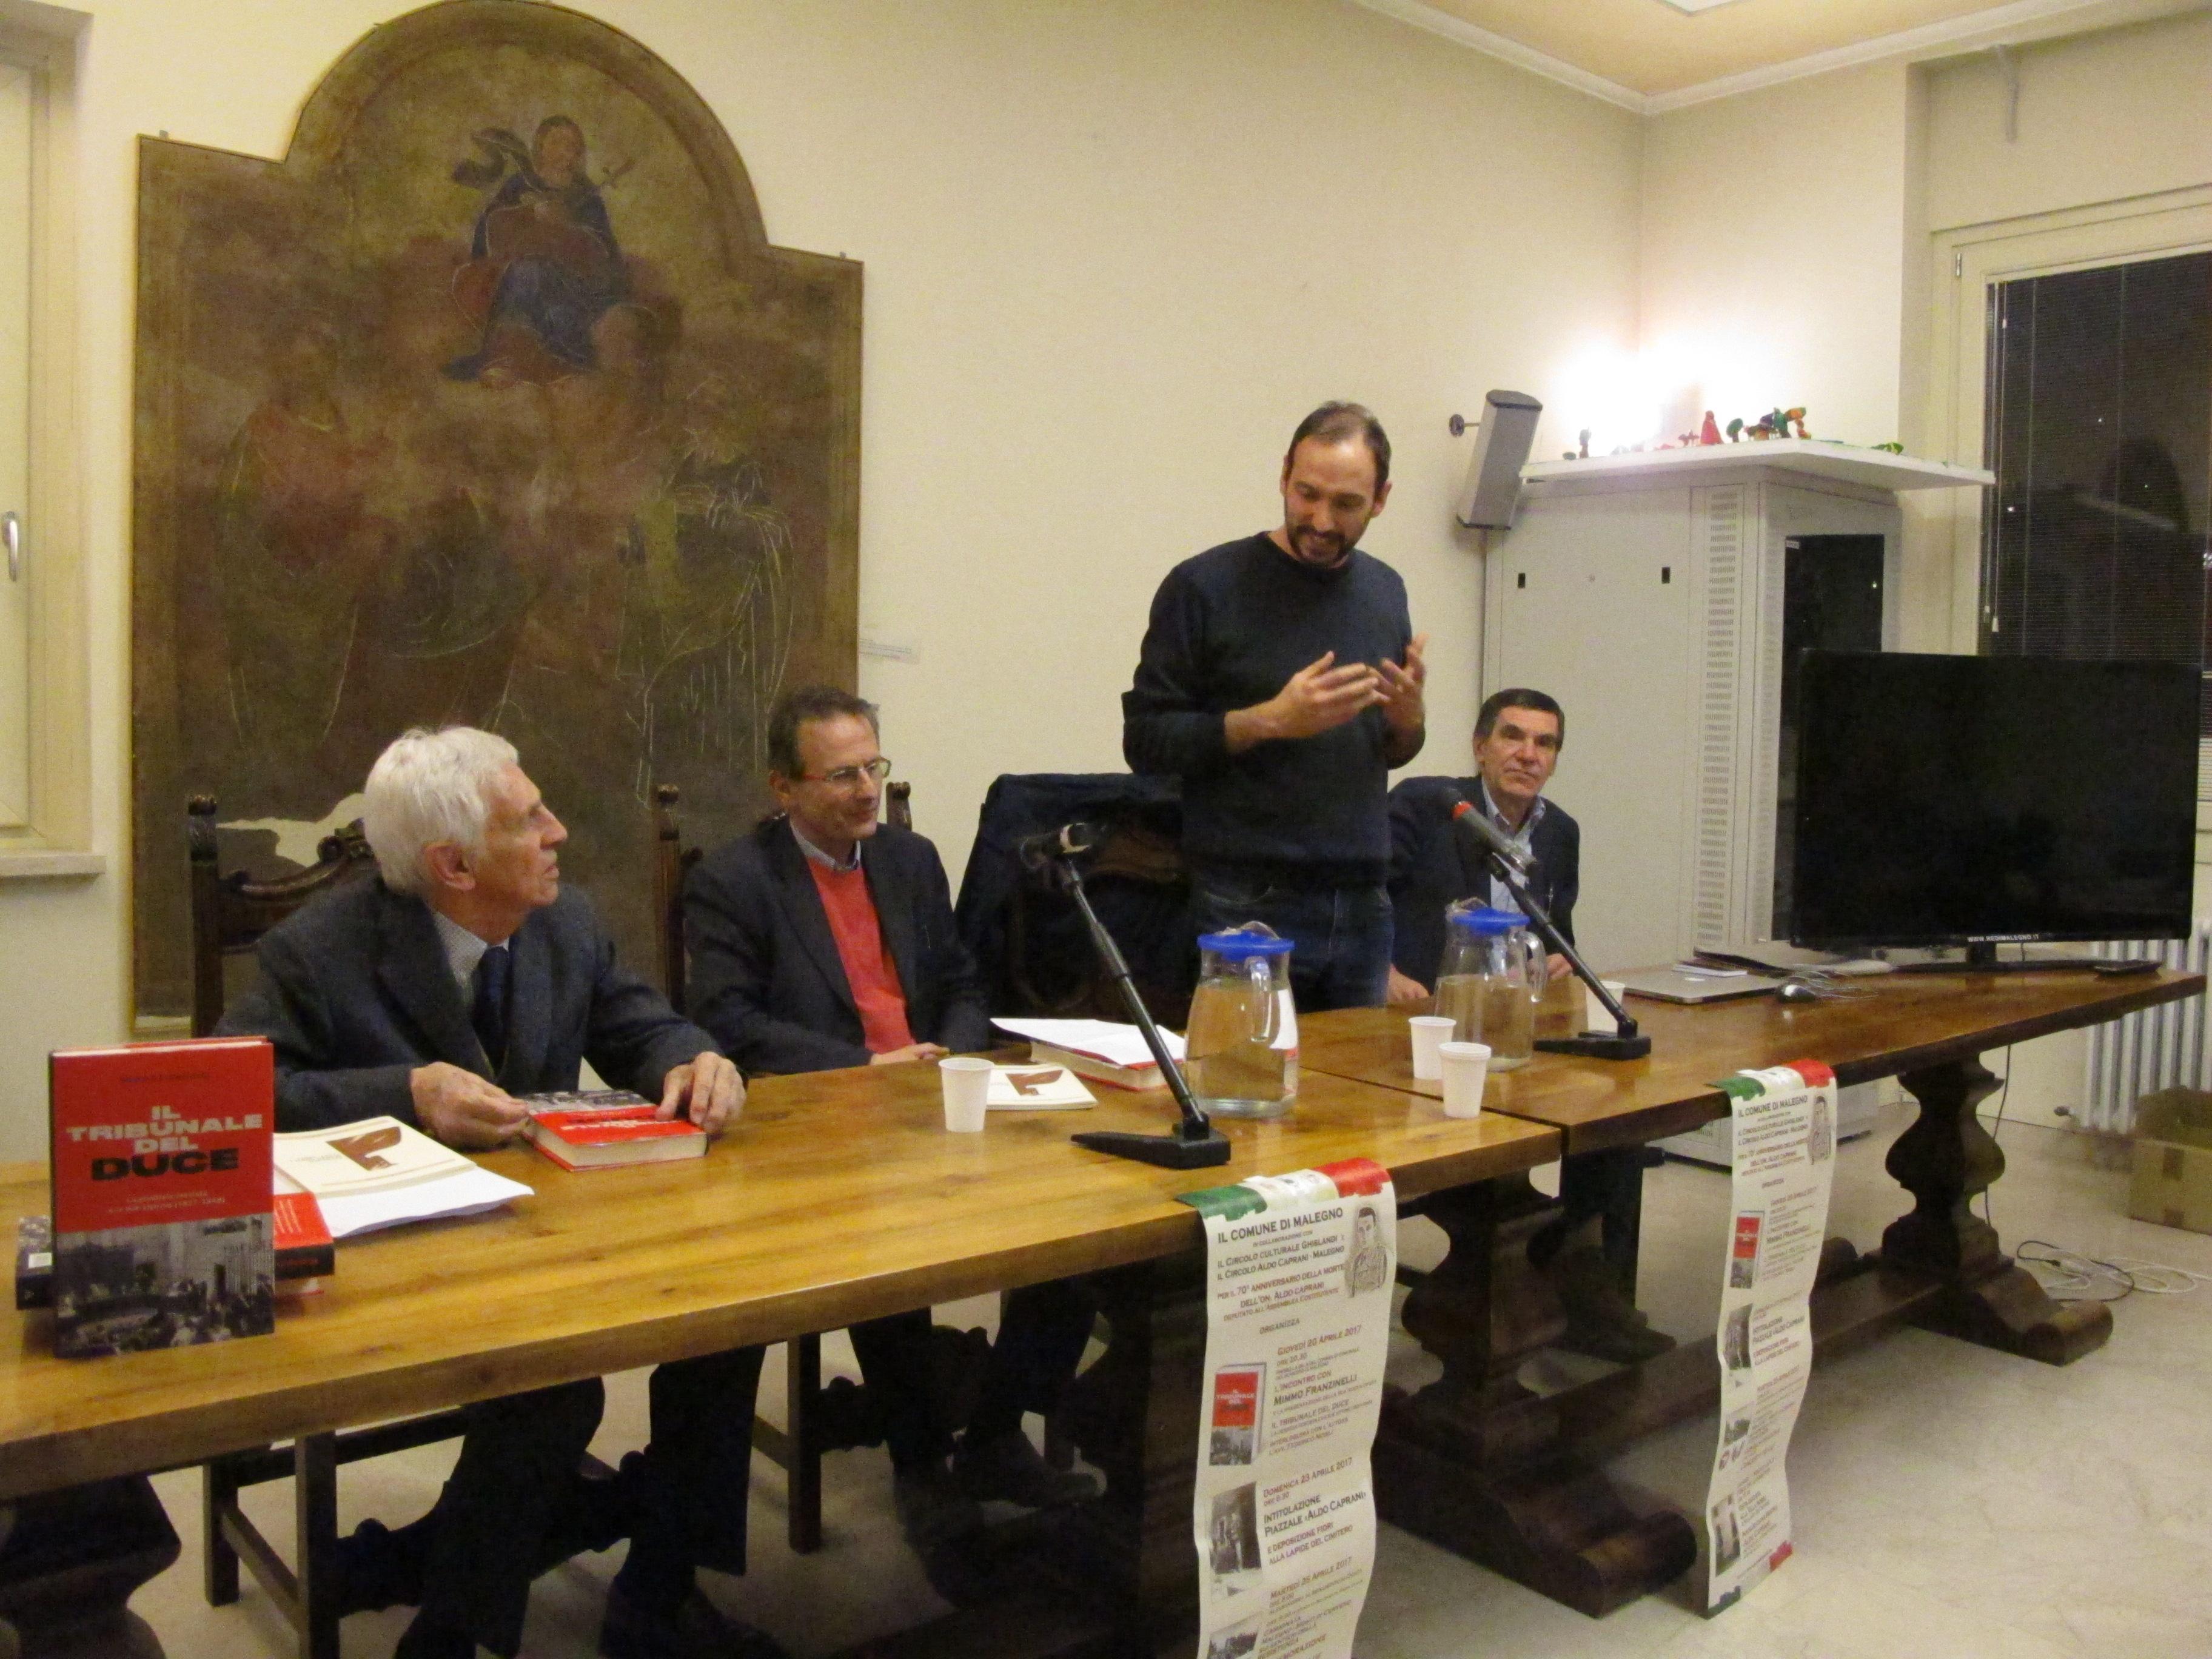 02_presentazione Il tribunale del Duce di Mimmo Franzinelli_20 aprile 2017 a Malegno